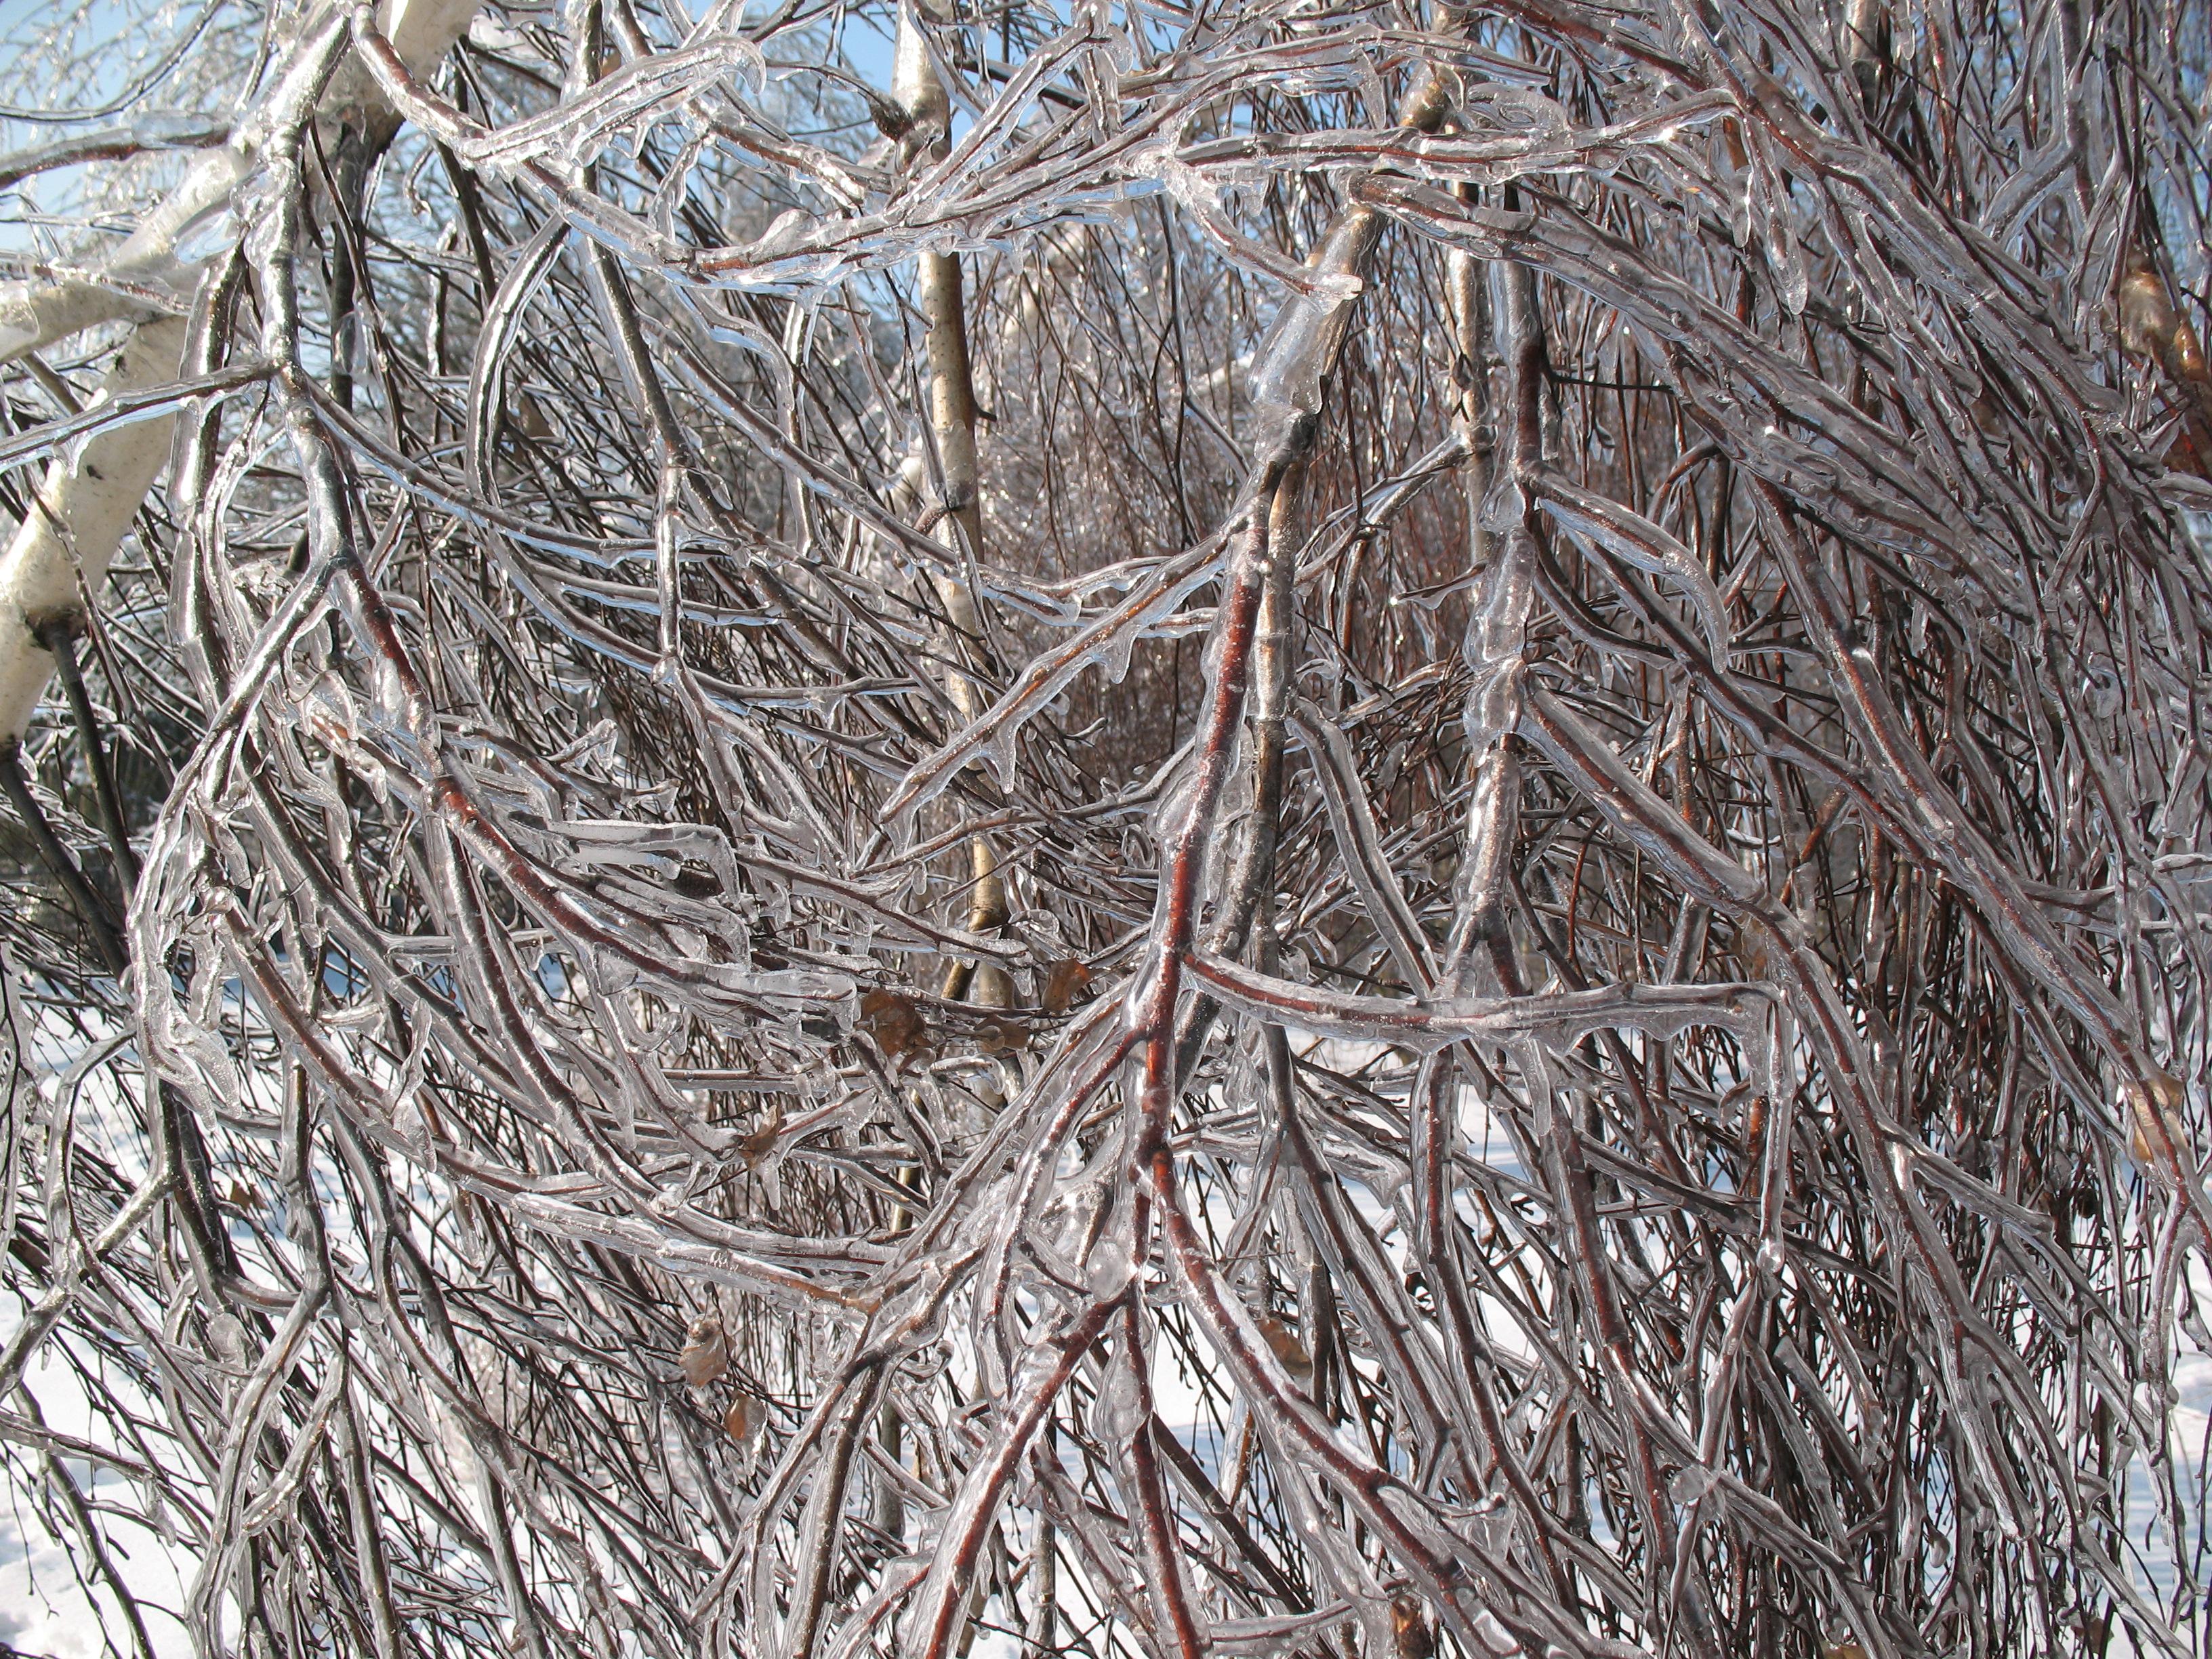 Gołoledź osadzona na gałęziach (styczeń 2013, fot. S. Wypych)